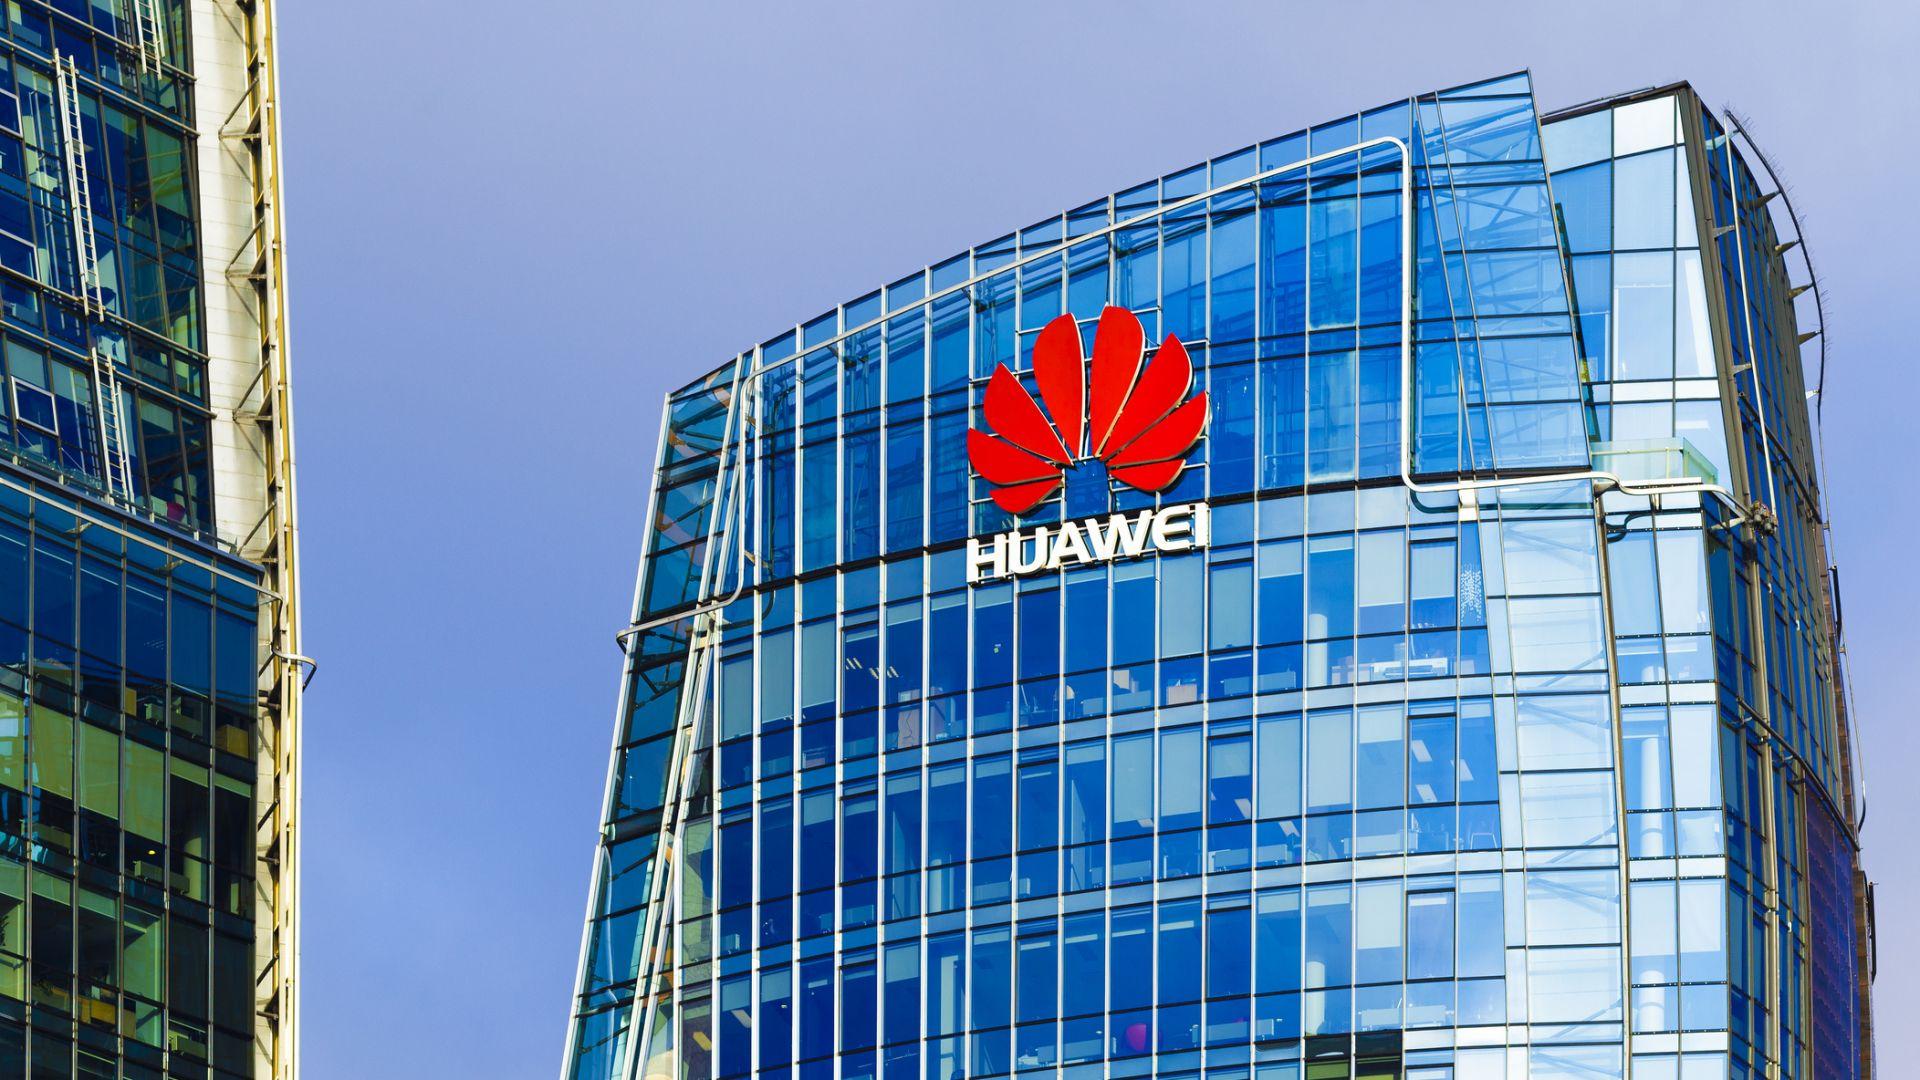 Въпреки трудностите Huawei продължава да е лидер в иновациите